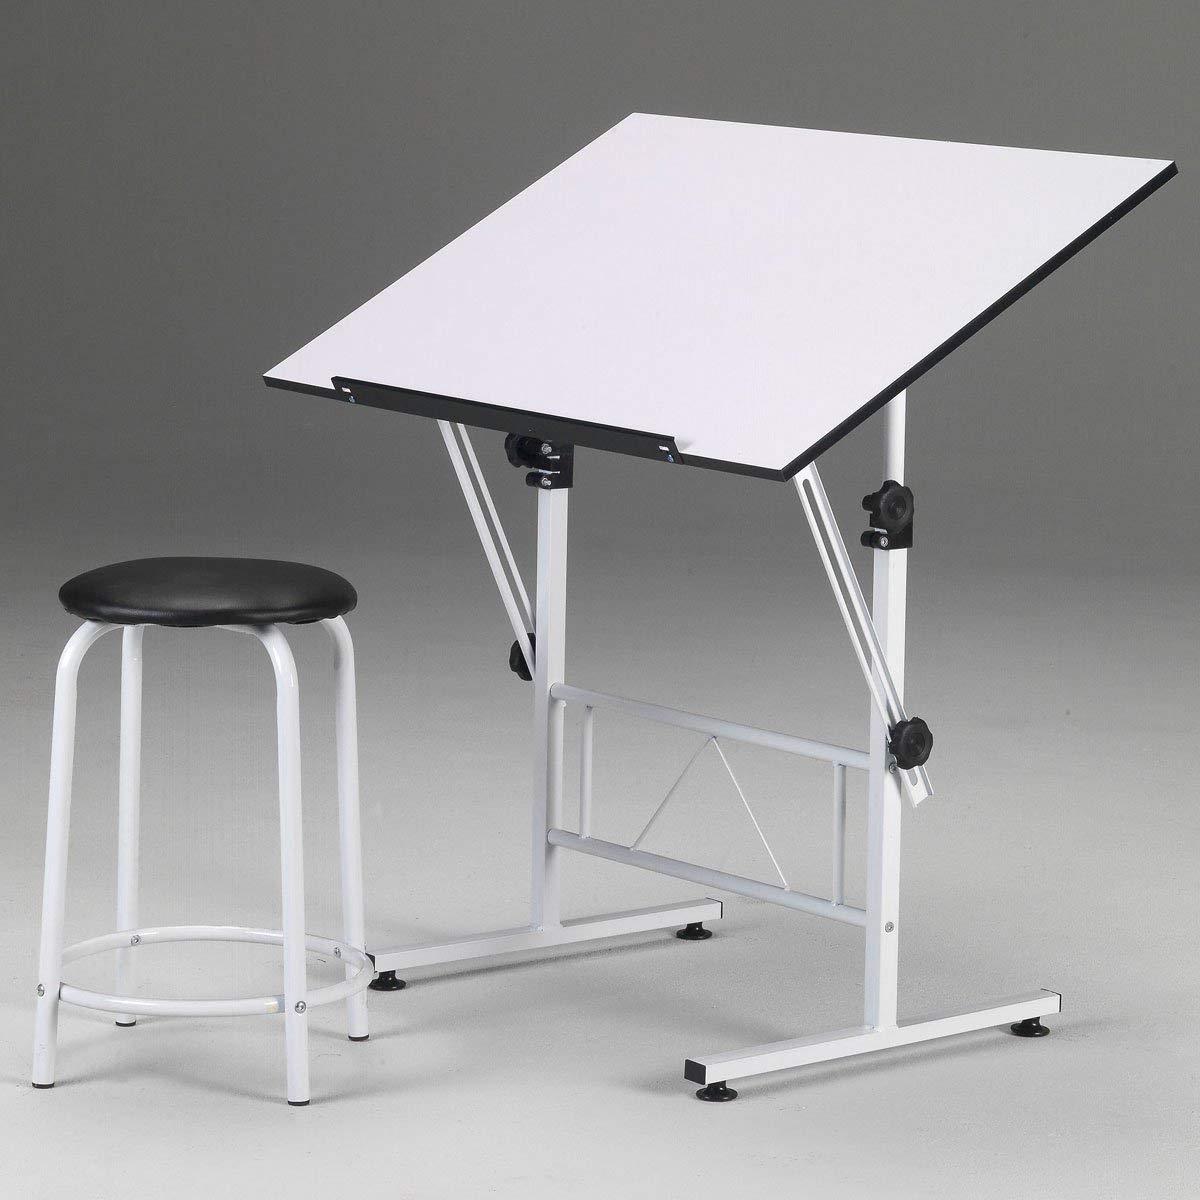 Martin Universal Design Smart Hobby Table, White,